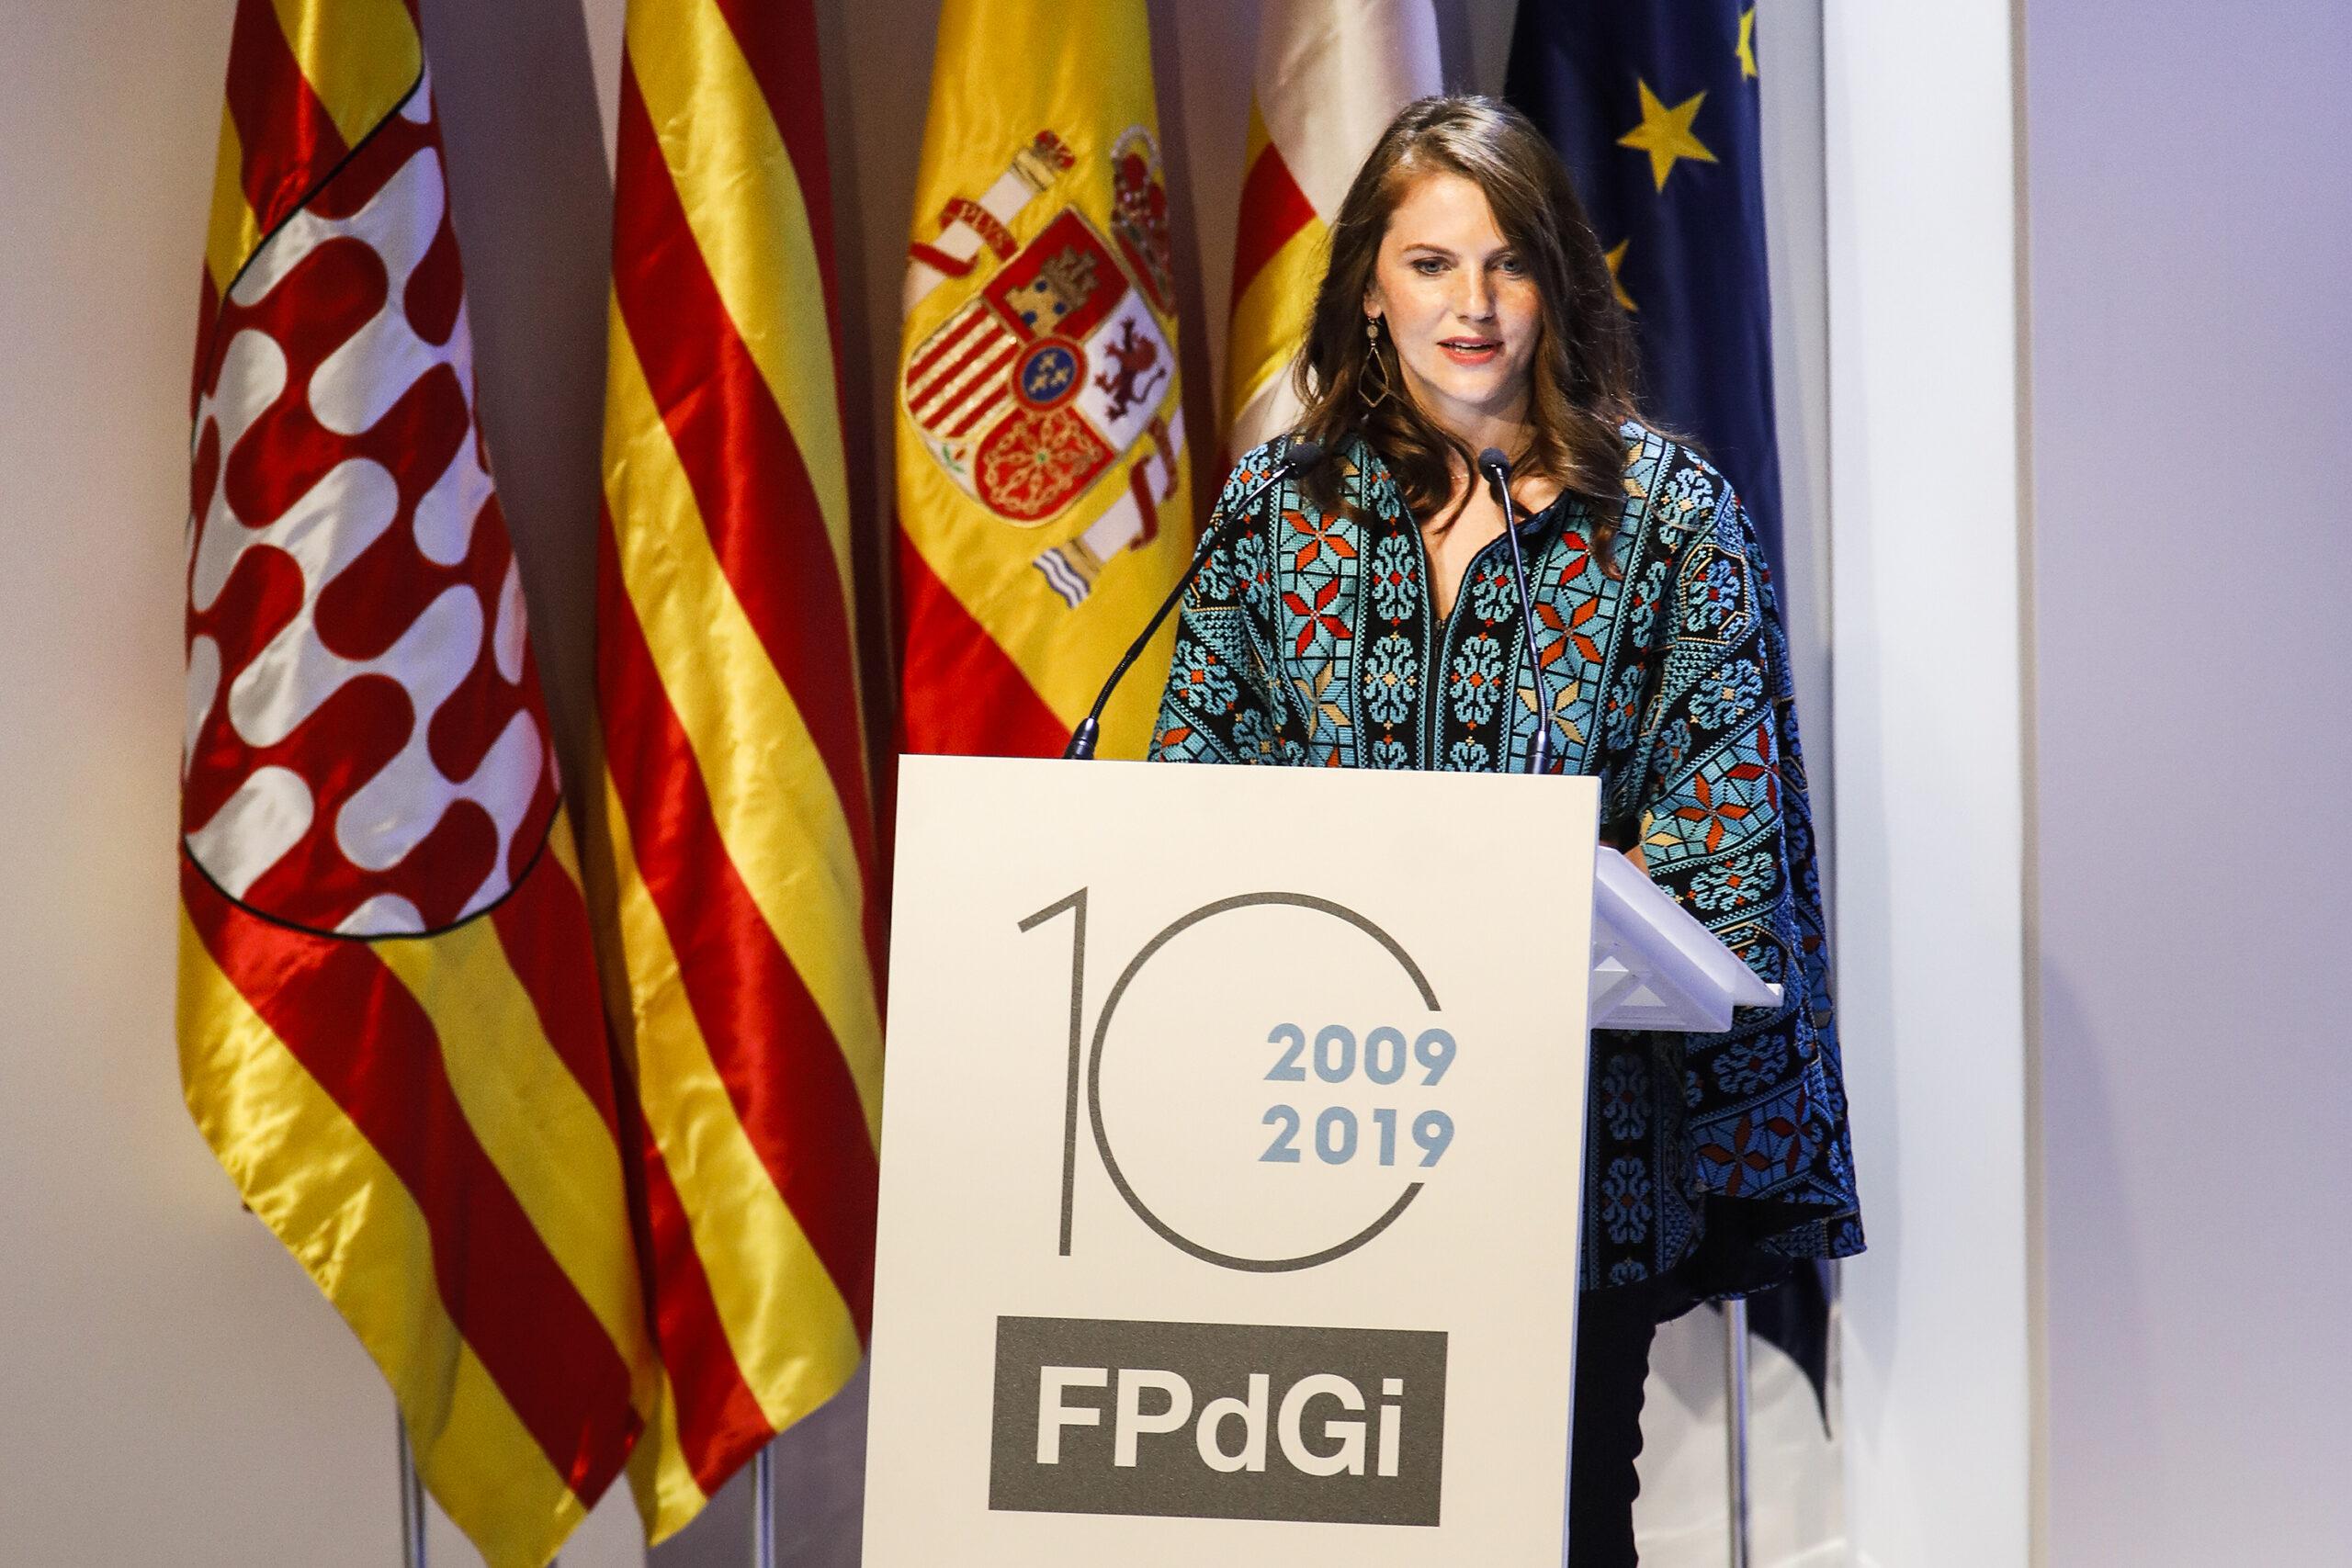 Abierta la convocatoria de los Premios Fundación Princesa de Girona 2022